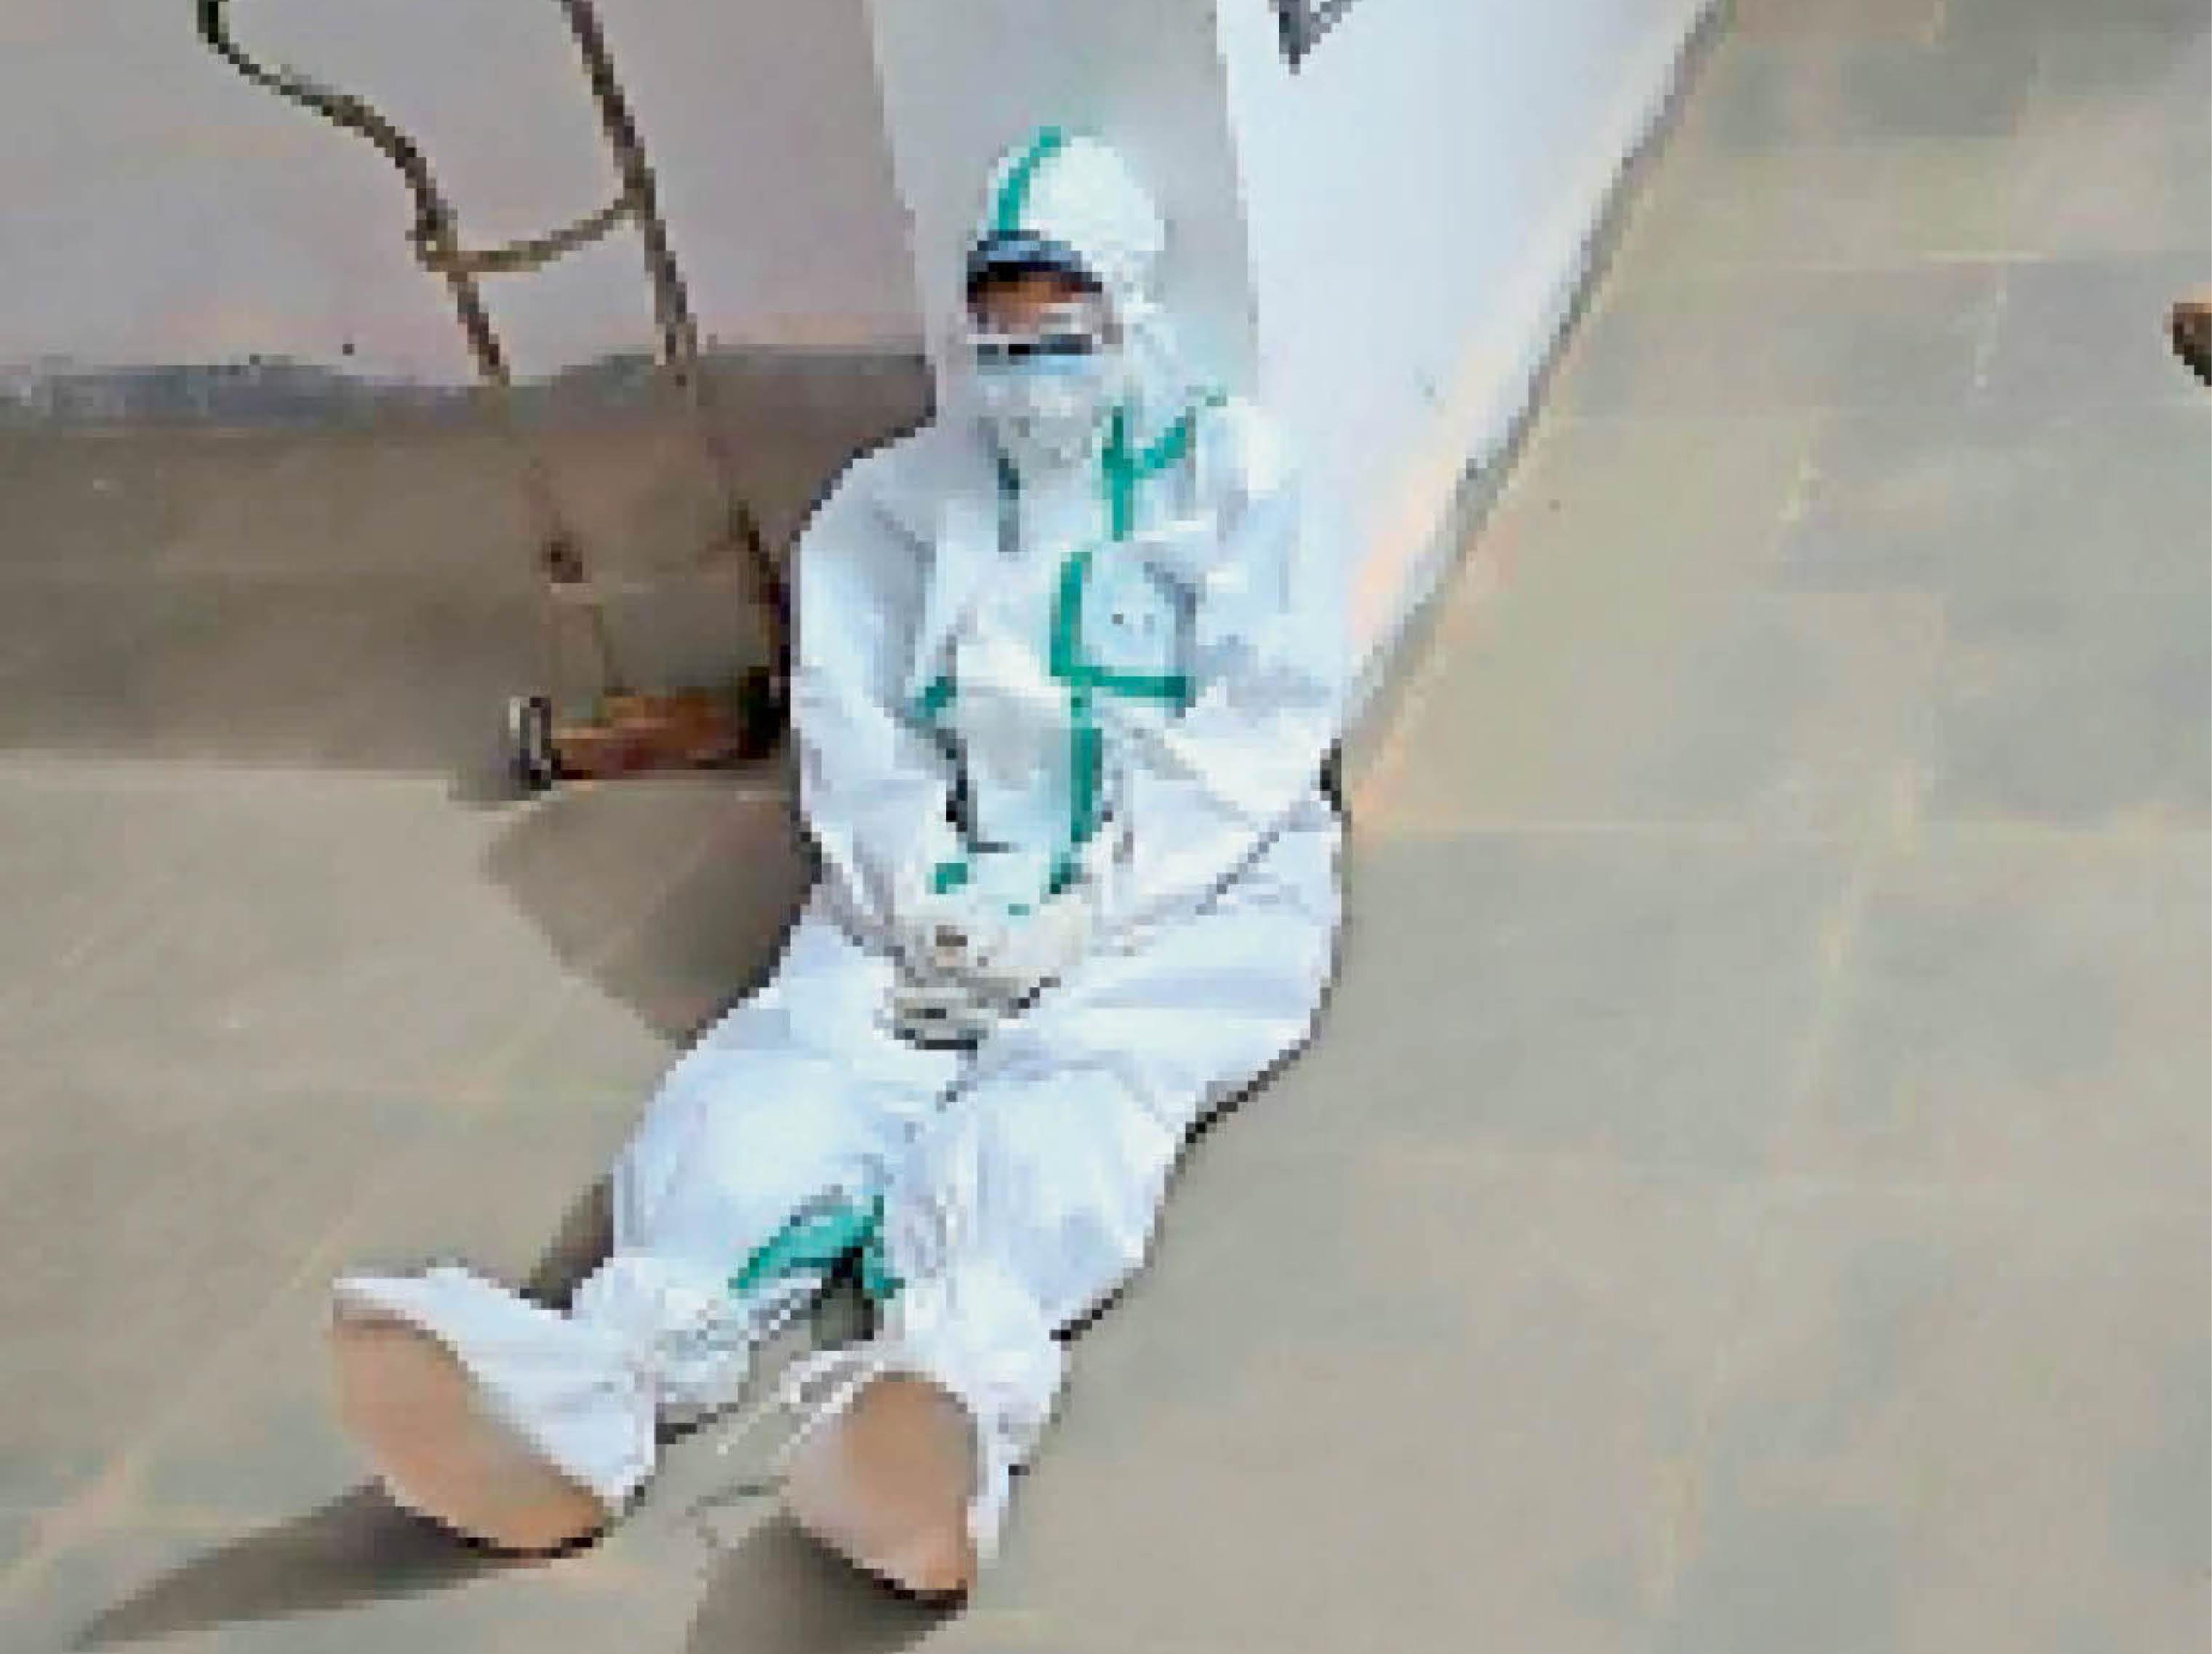 कोविड सेंटर की थकान- \पखांजूर के कोविड सेंटर में लगातार ड्यूटी से नर्स थक कर चूर हो गई तो कुछ देर के लिए कुछ इस तरह सुस्ताती नजर आई। - Dainik Bhaskar